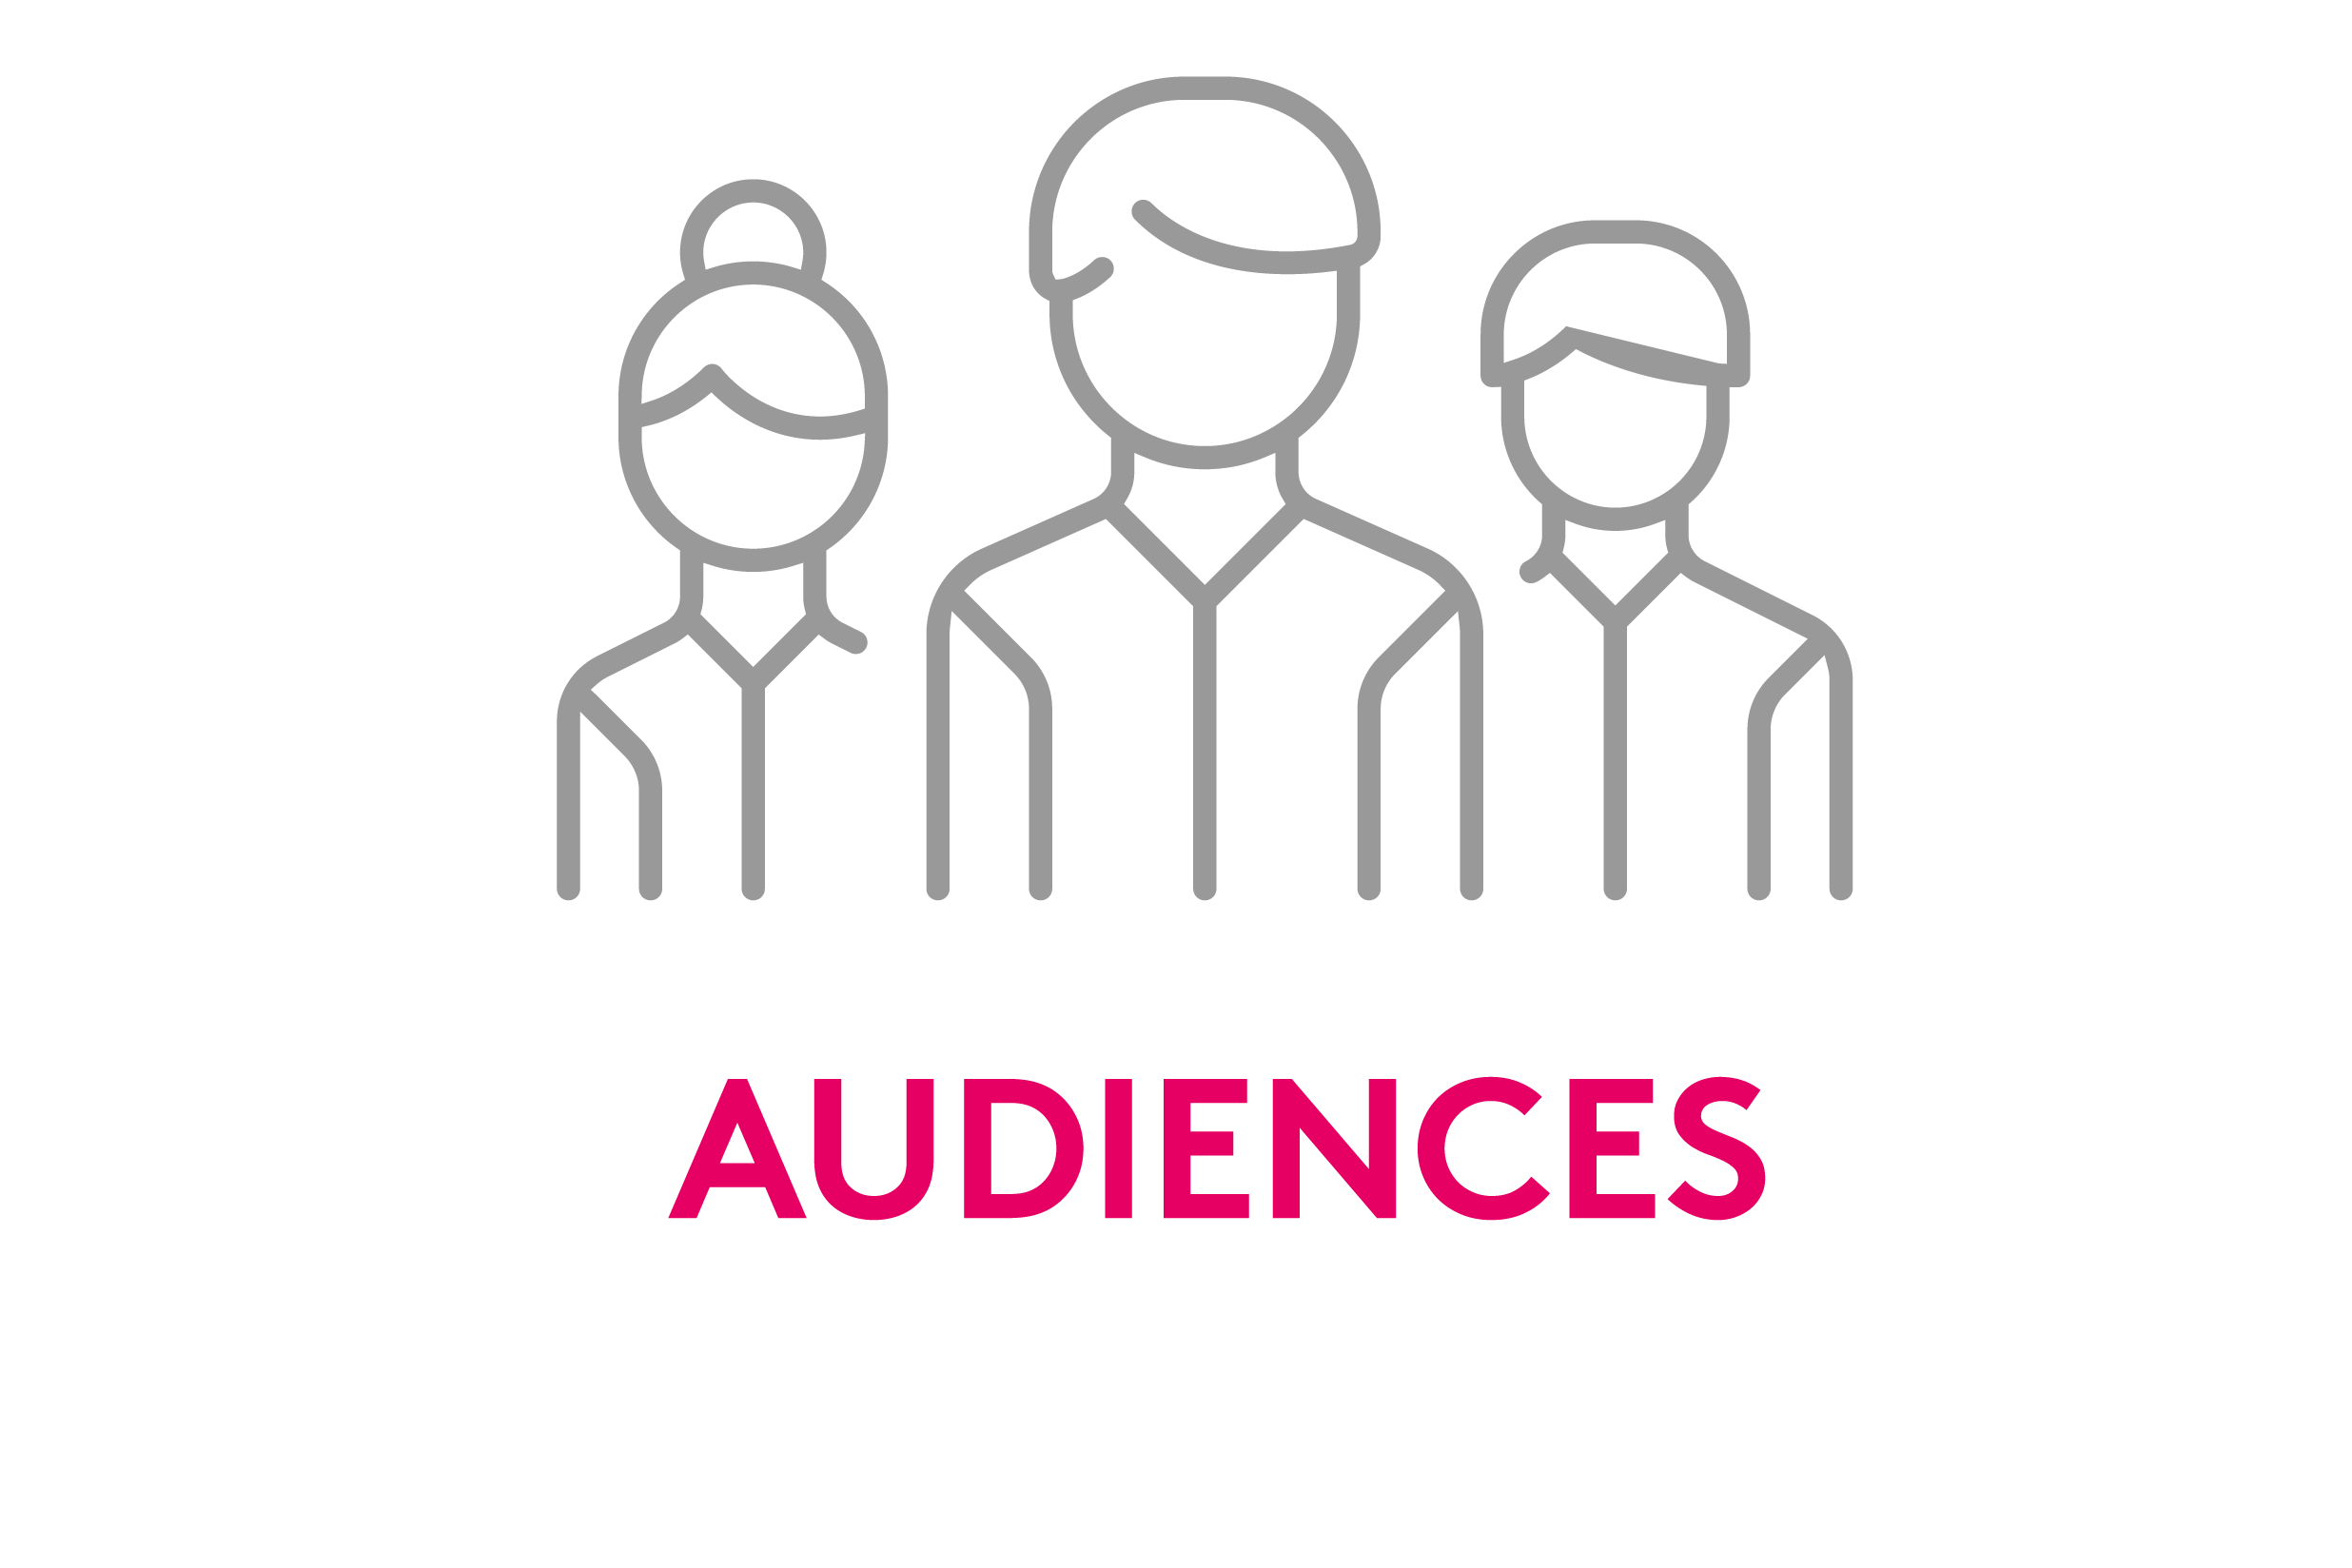 decision-making-platform-audiences